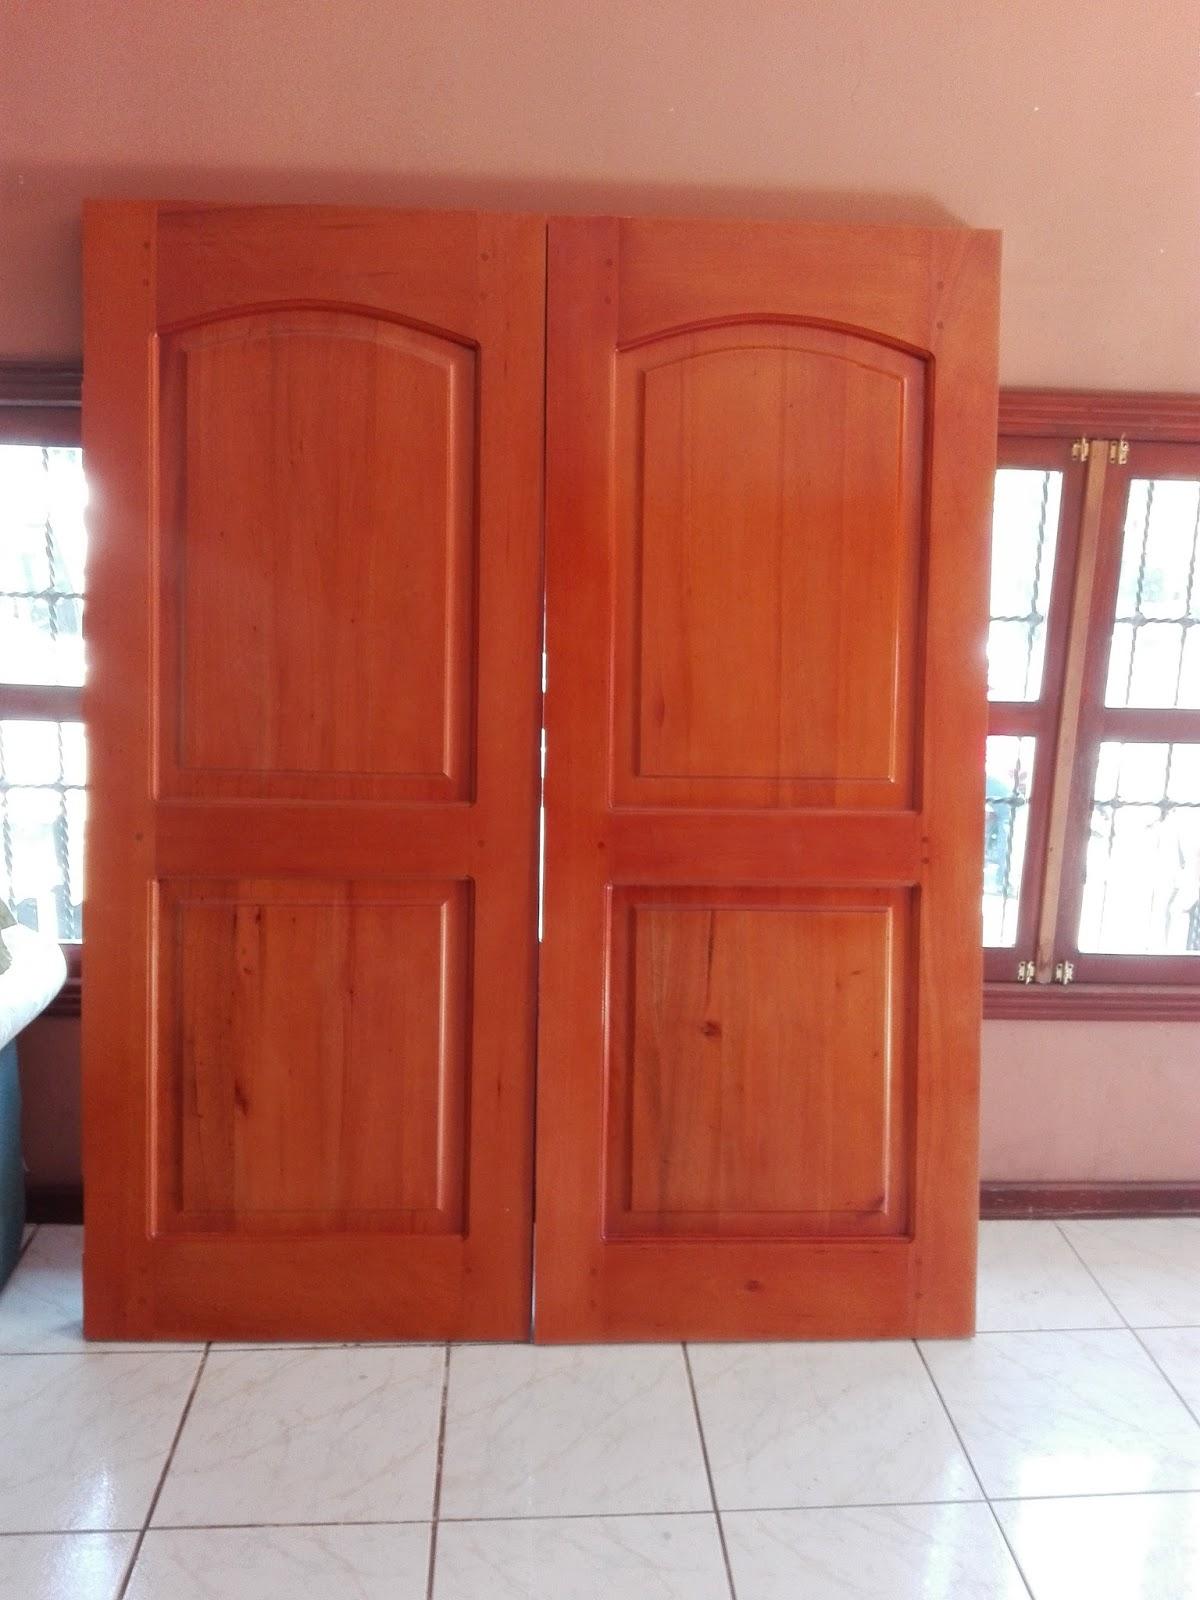 Puertas de madera s lida lolo morales furniture for Puertas de madera estilo antiguo